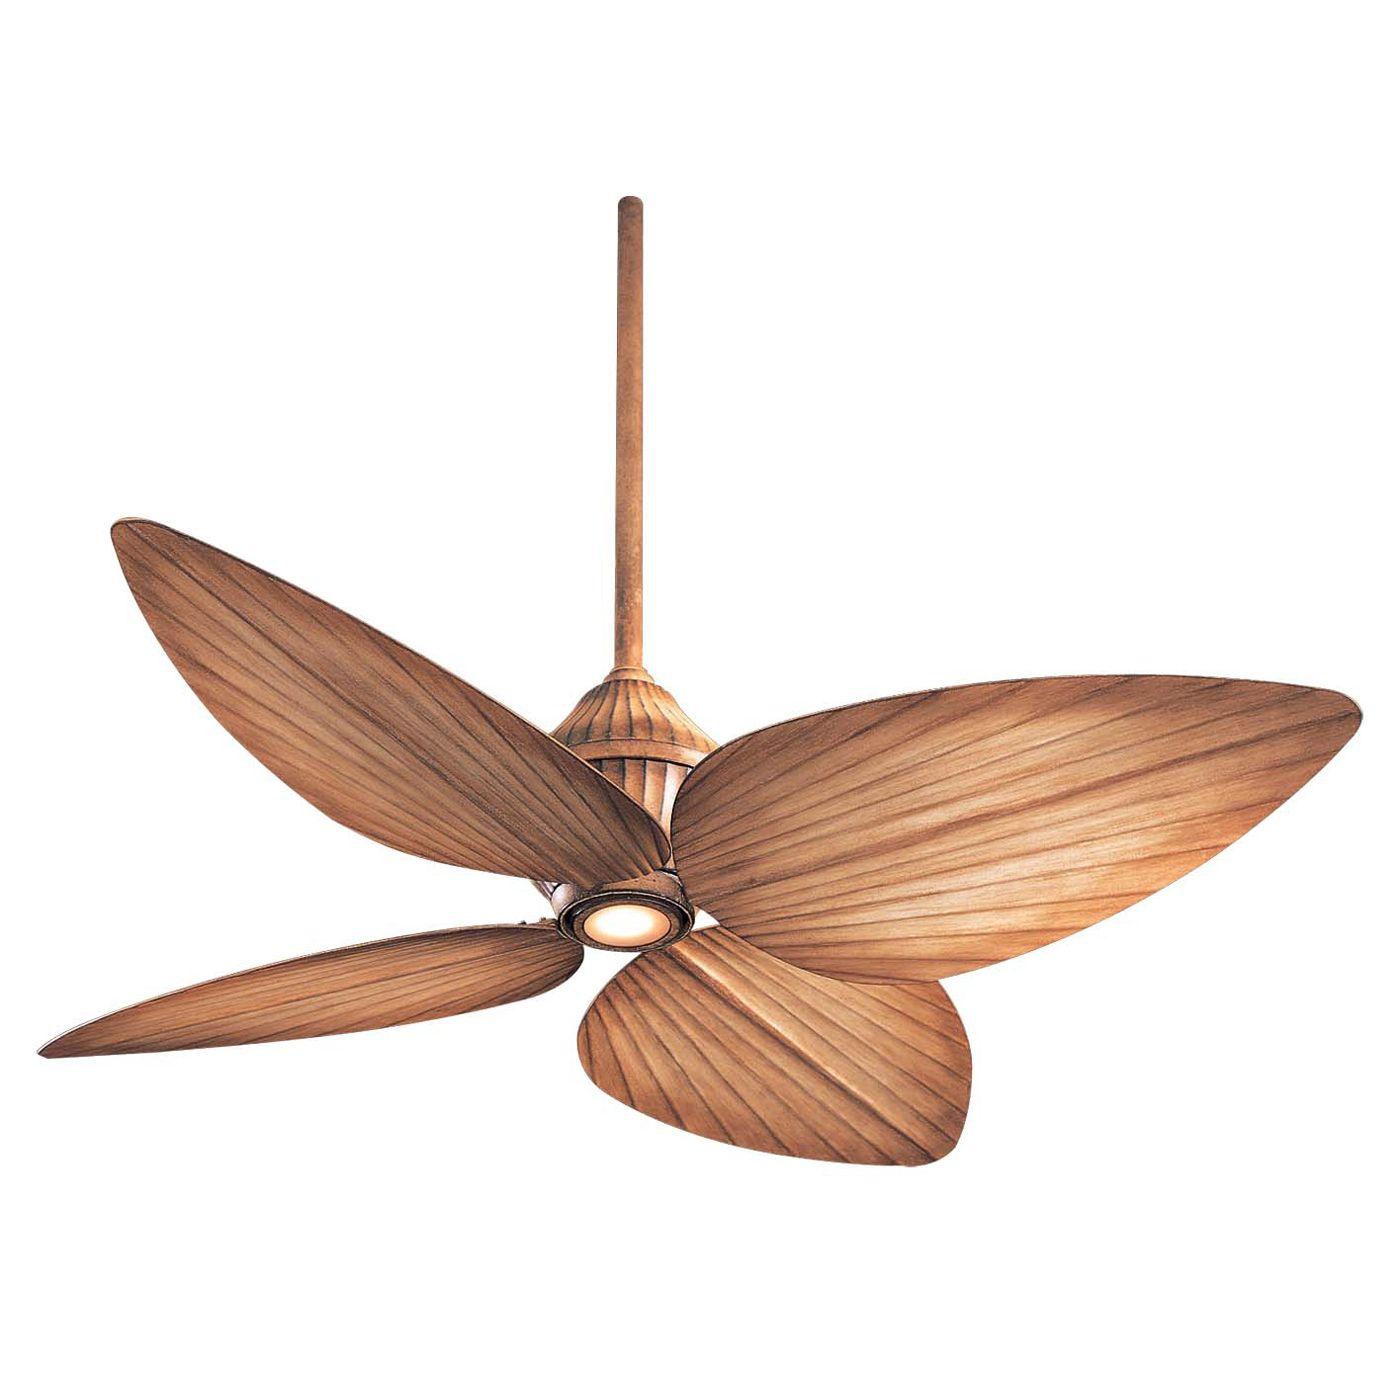 Daniel Digs it Minka Aire F581 52in Gauguin Indoor Ceiling Fan